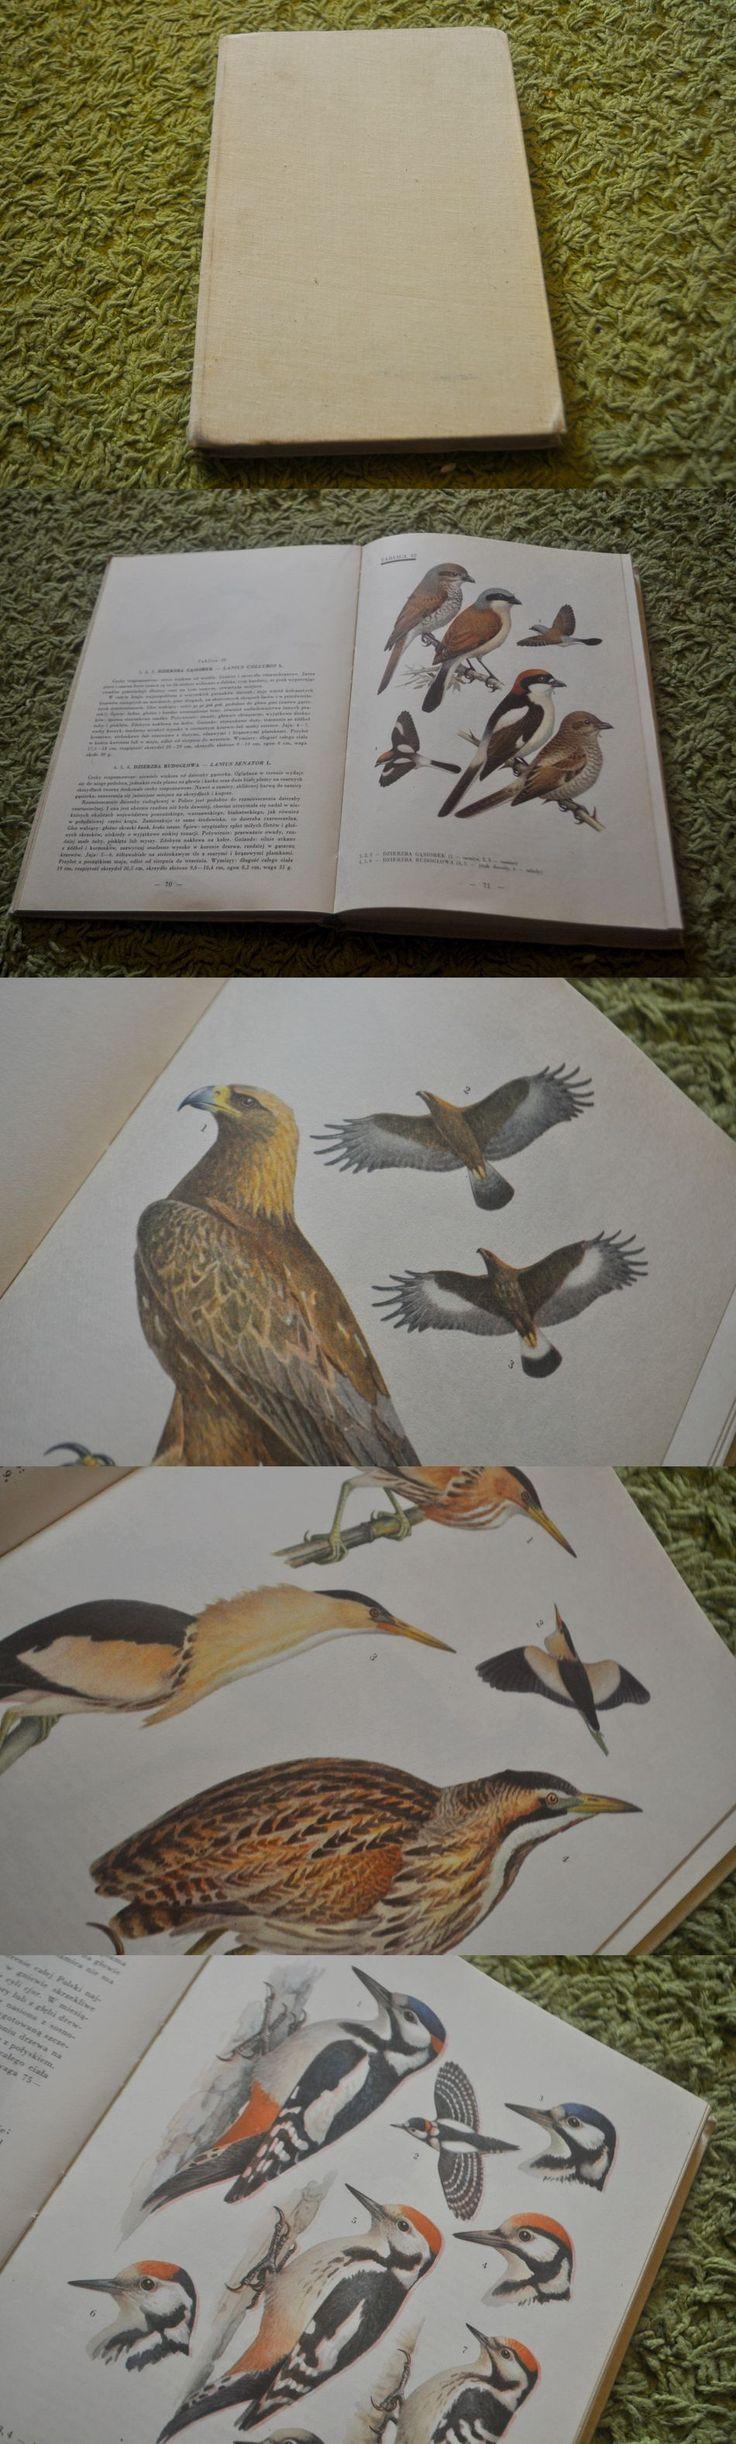 Tytuł: Ptaki Polski  Autor: Jan Sokołowski  Ilustracje: Władysław Siwek